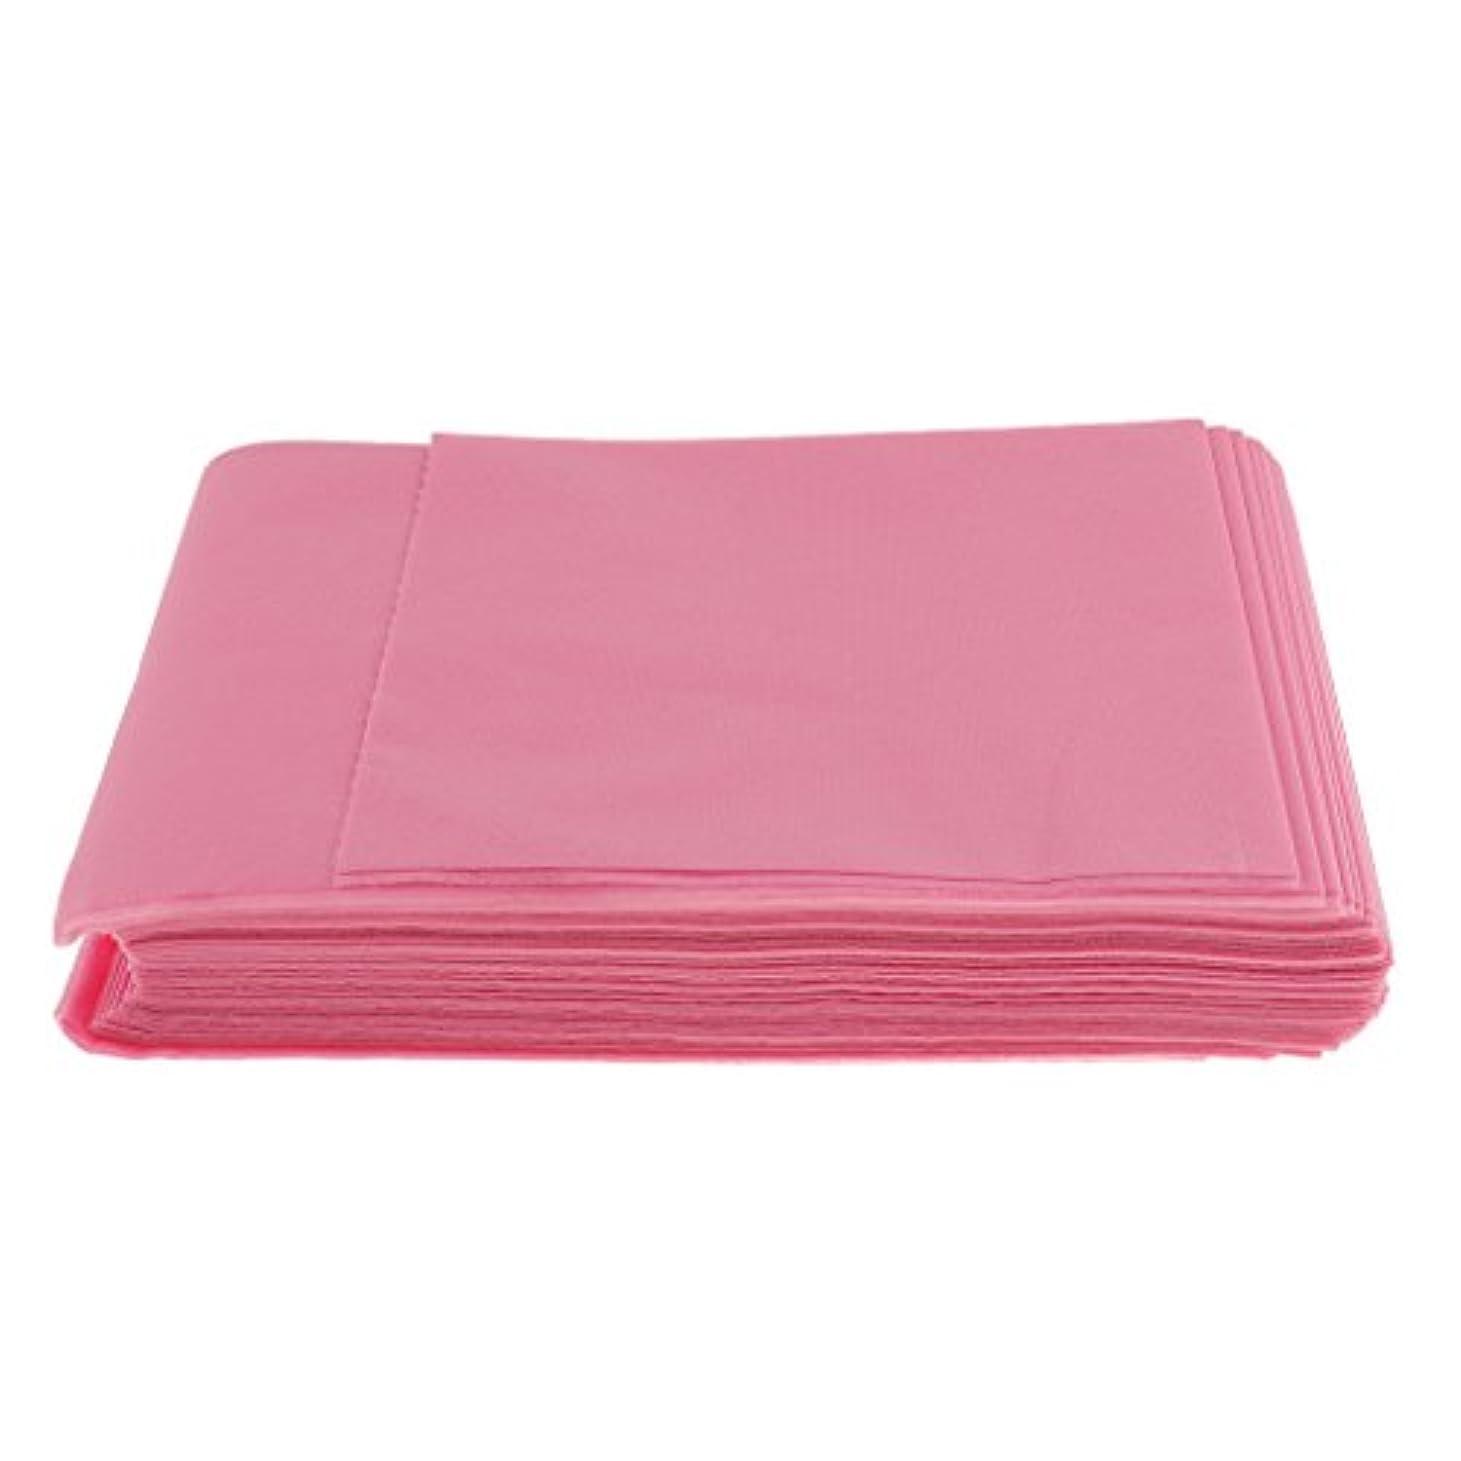 中に裕福な改善Baosity 10枚入り 使い捨て 美容室/マッサージ/サロン/ホテル ベッドパッド 無織PP 衛生シート 全3色選べ - ピンク